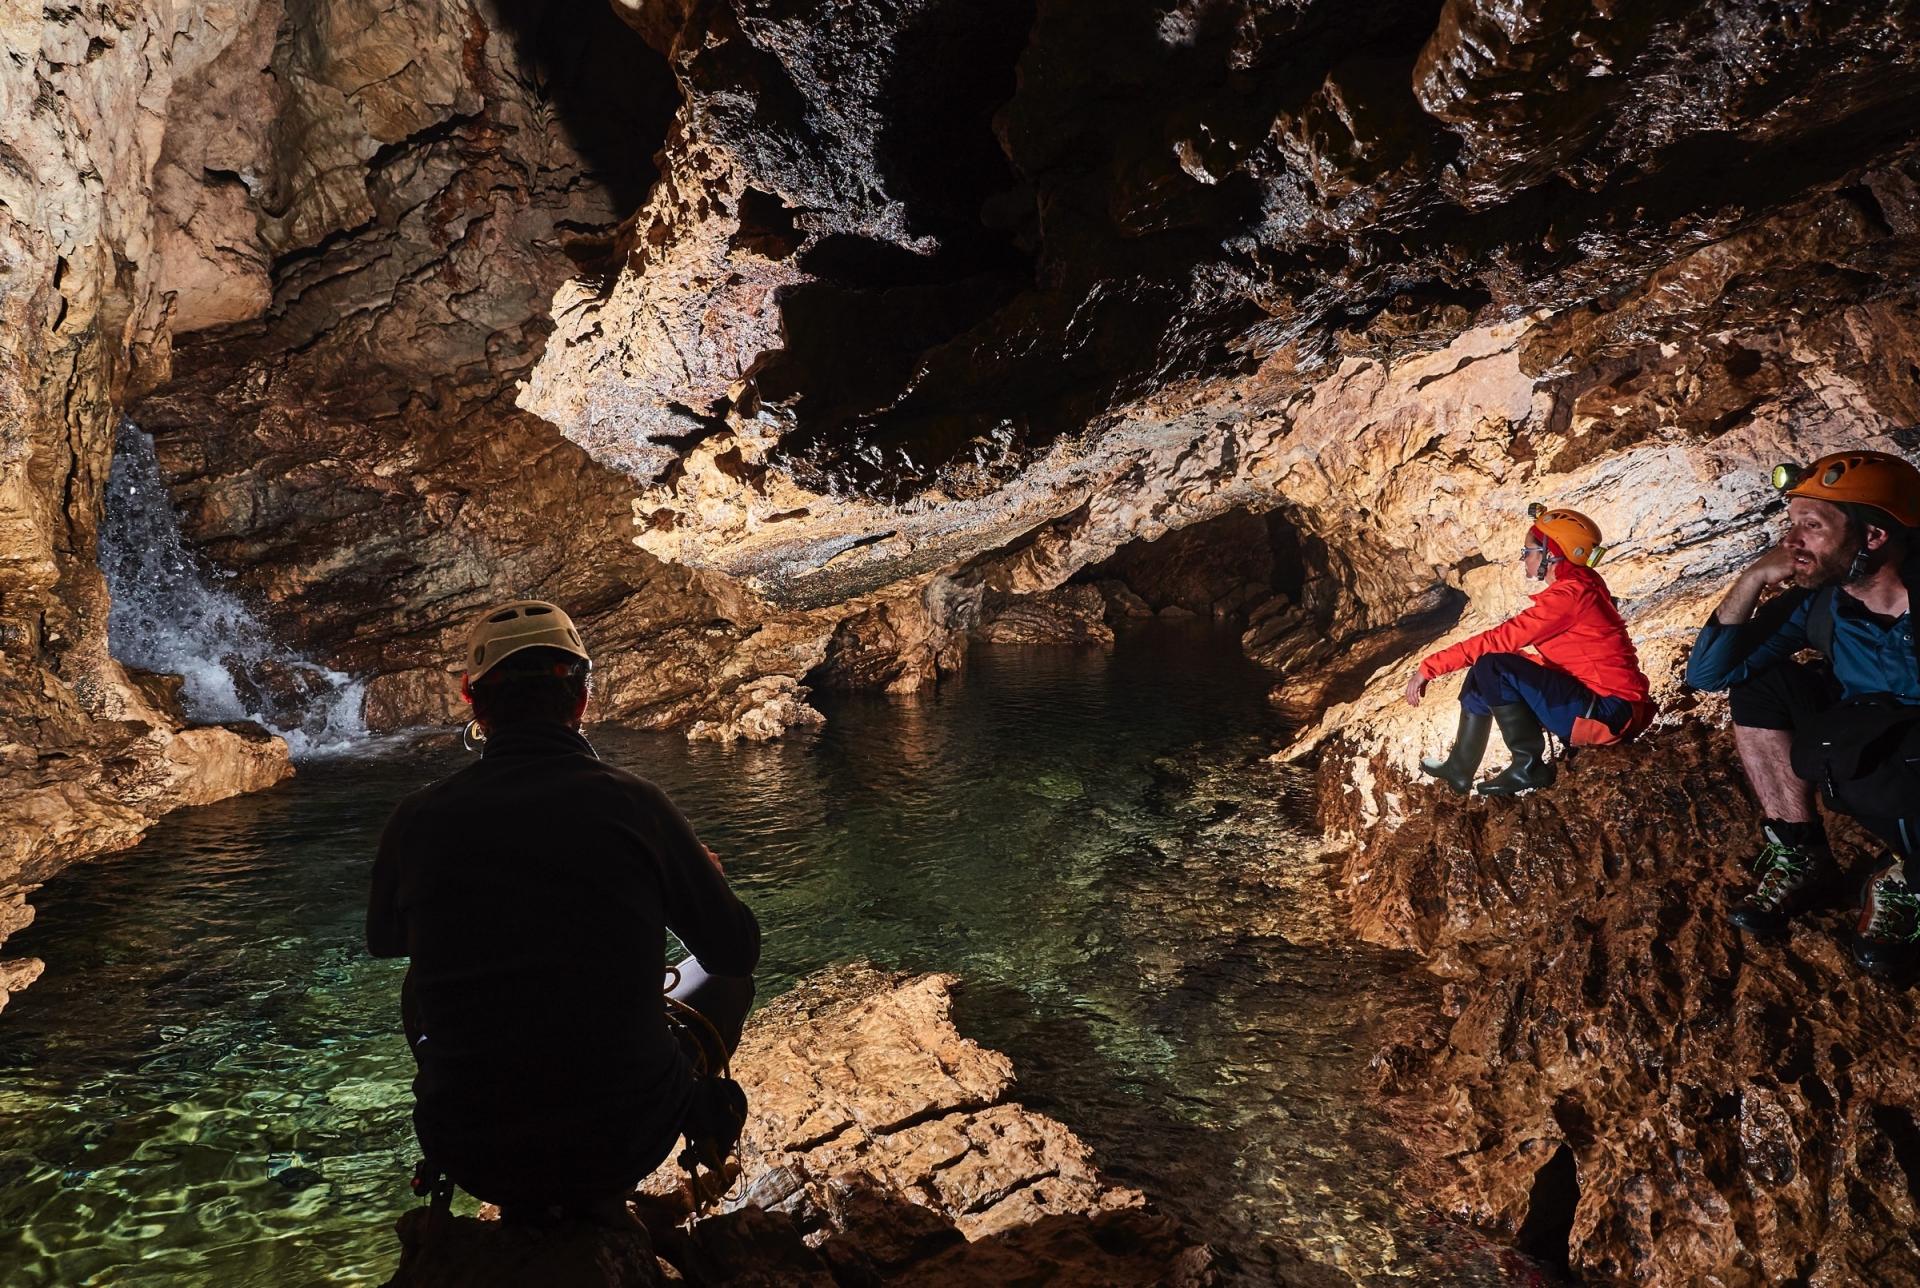 Espeleoturismo en la Cueva de los Chorros